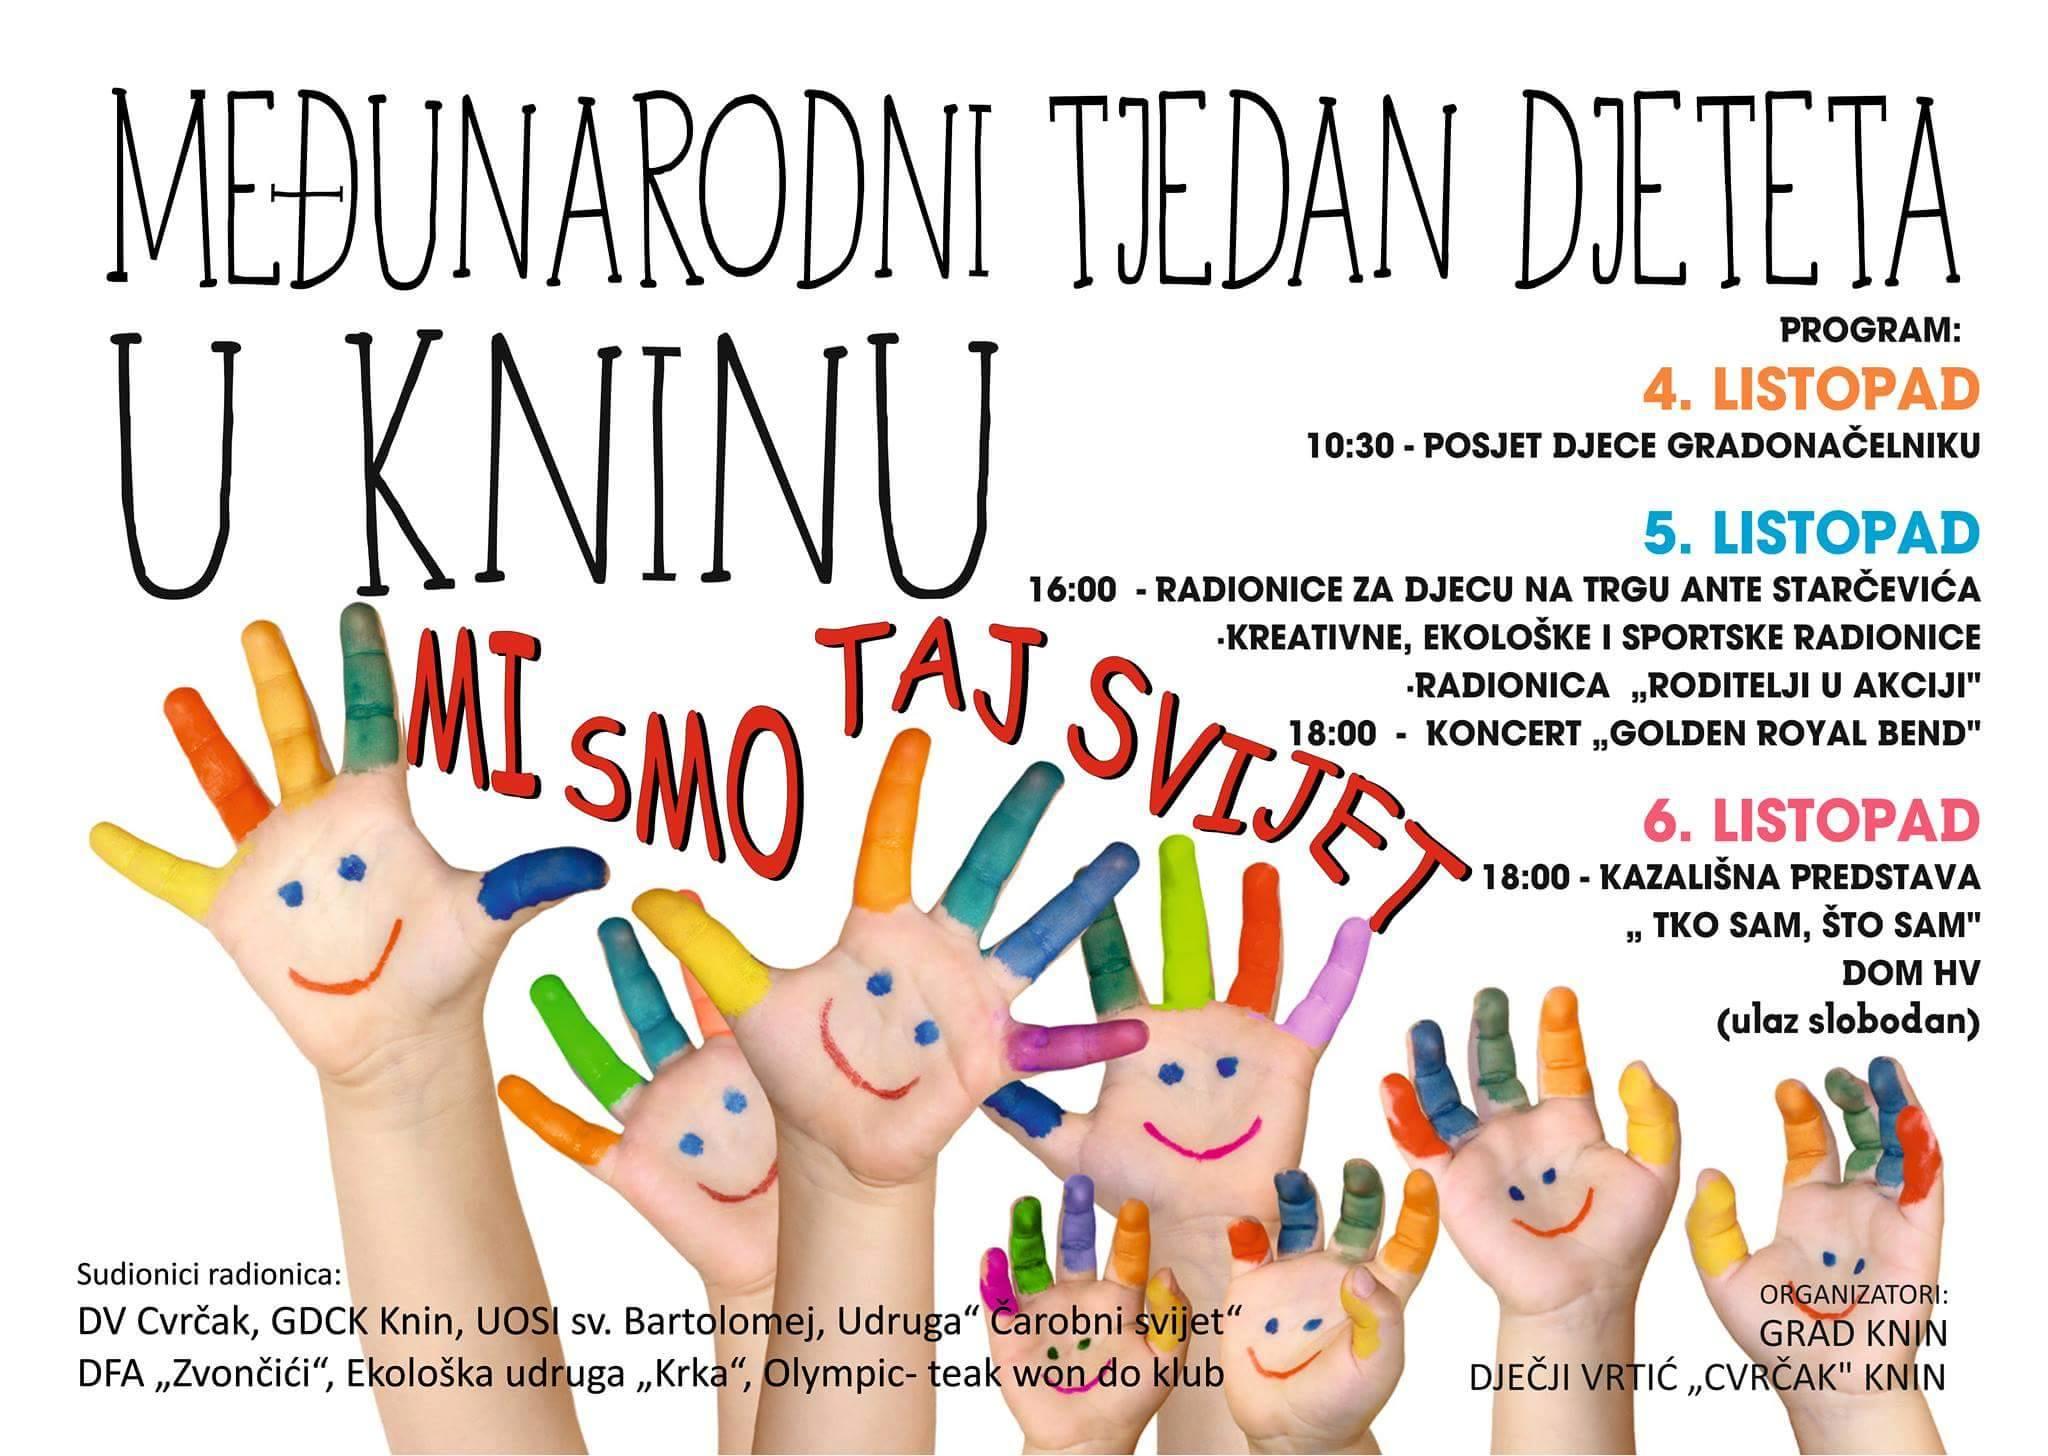 Međunarodni tjedan djeteta